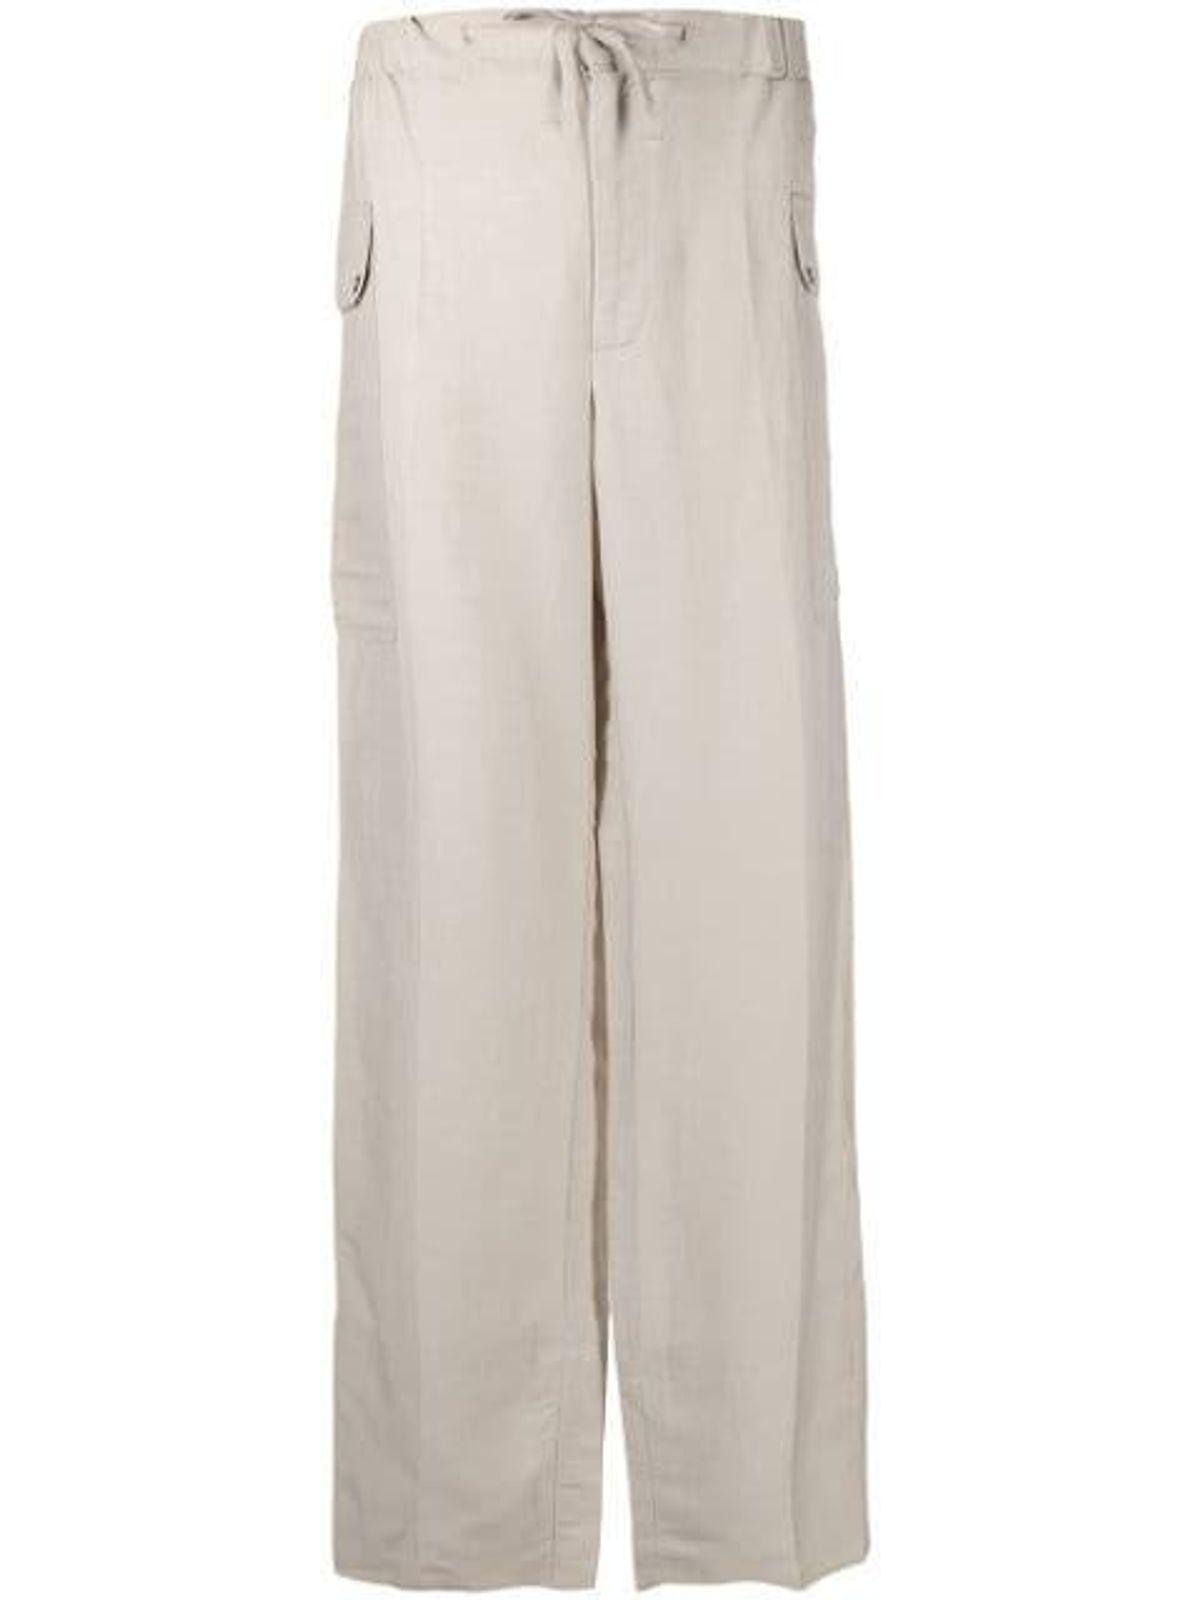 Etta Trousers